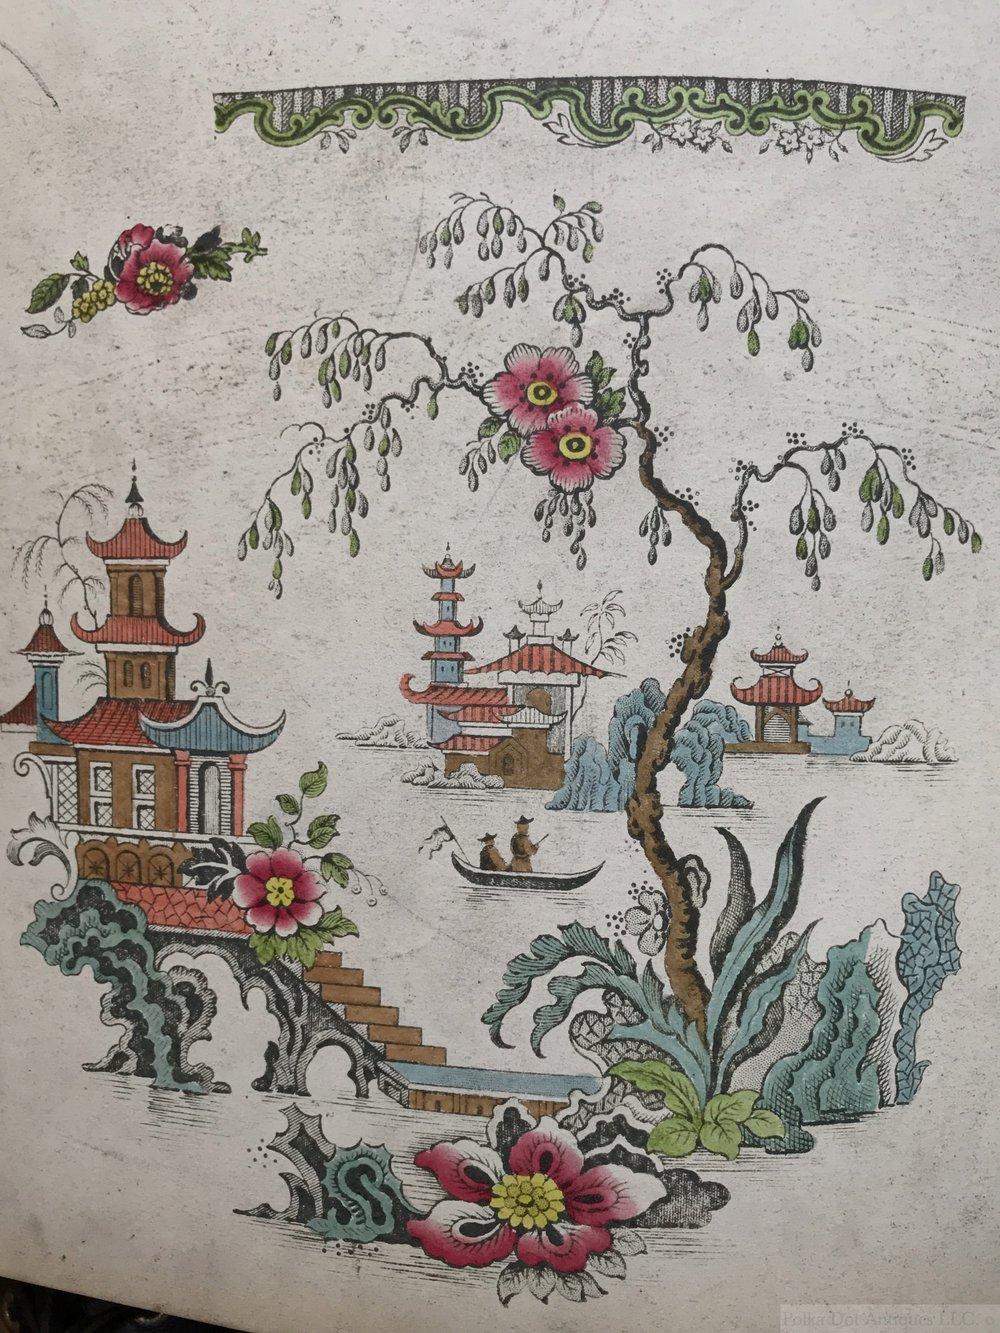 Furnivals Pattern Book, 1890-1930s.